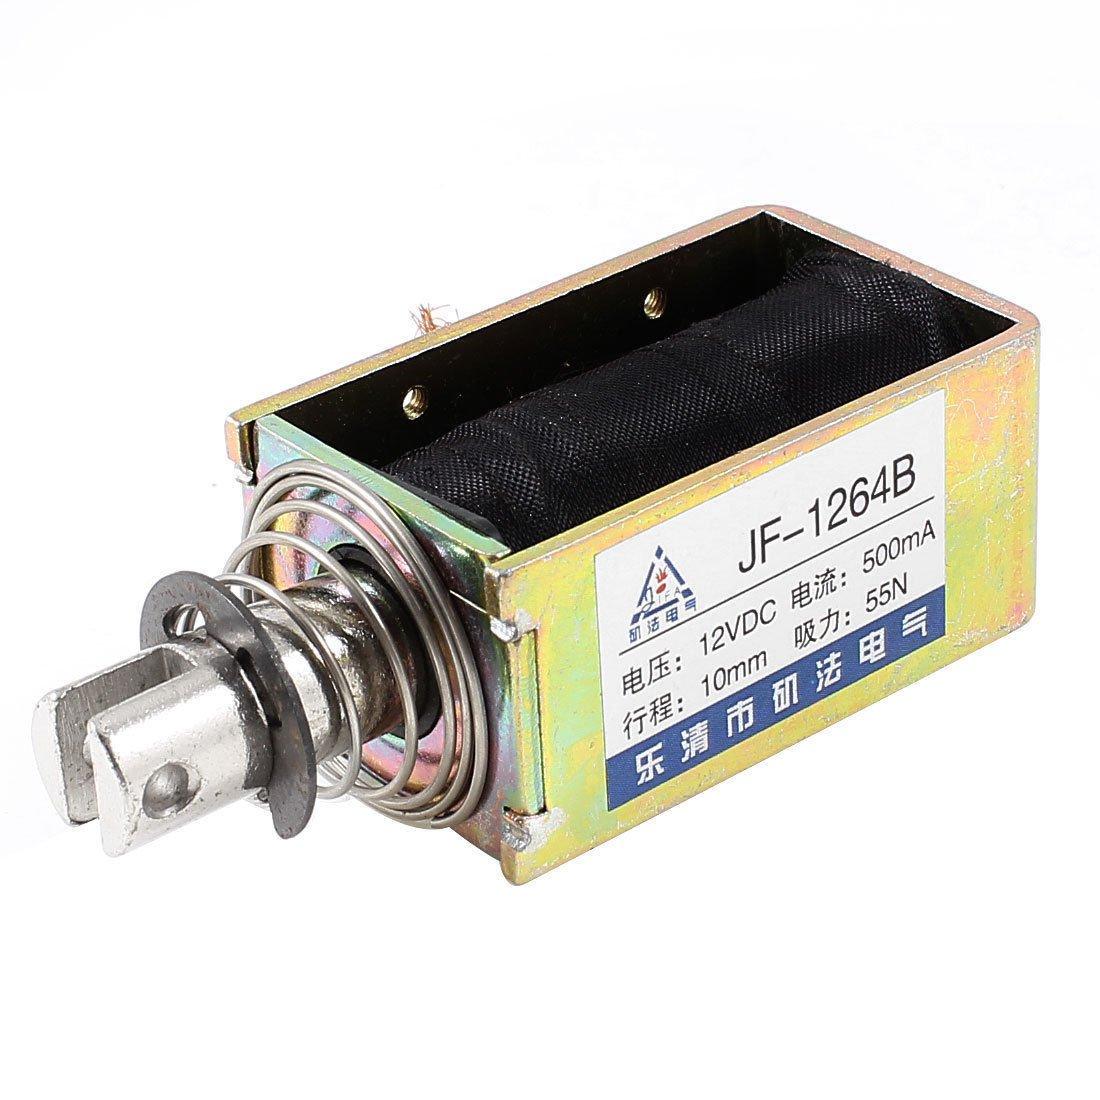 DC 12V 0.5A 10mm Stroke 5.5Kg Force Push Pull Open Frame Solenoid Electromagnet